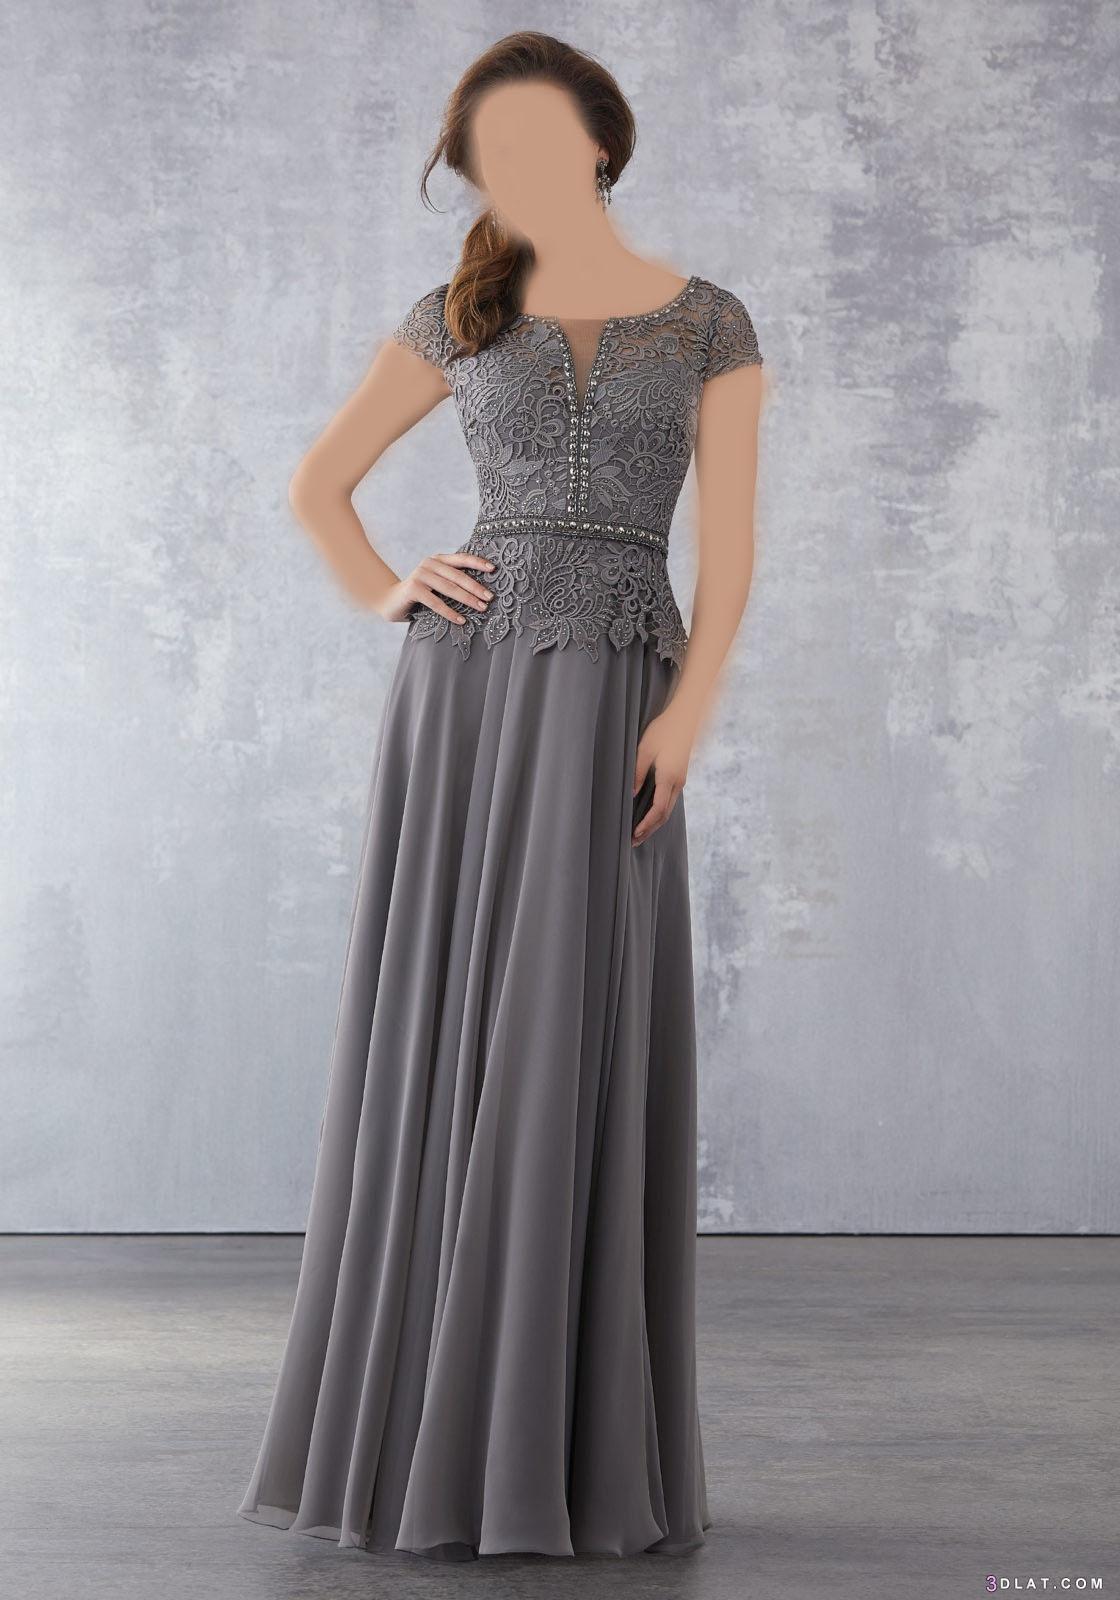 ملابس بنات عرض ازياء فستان سهرة صور فساتين سهره صور ملابس 2020 32